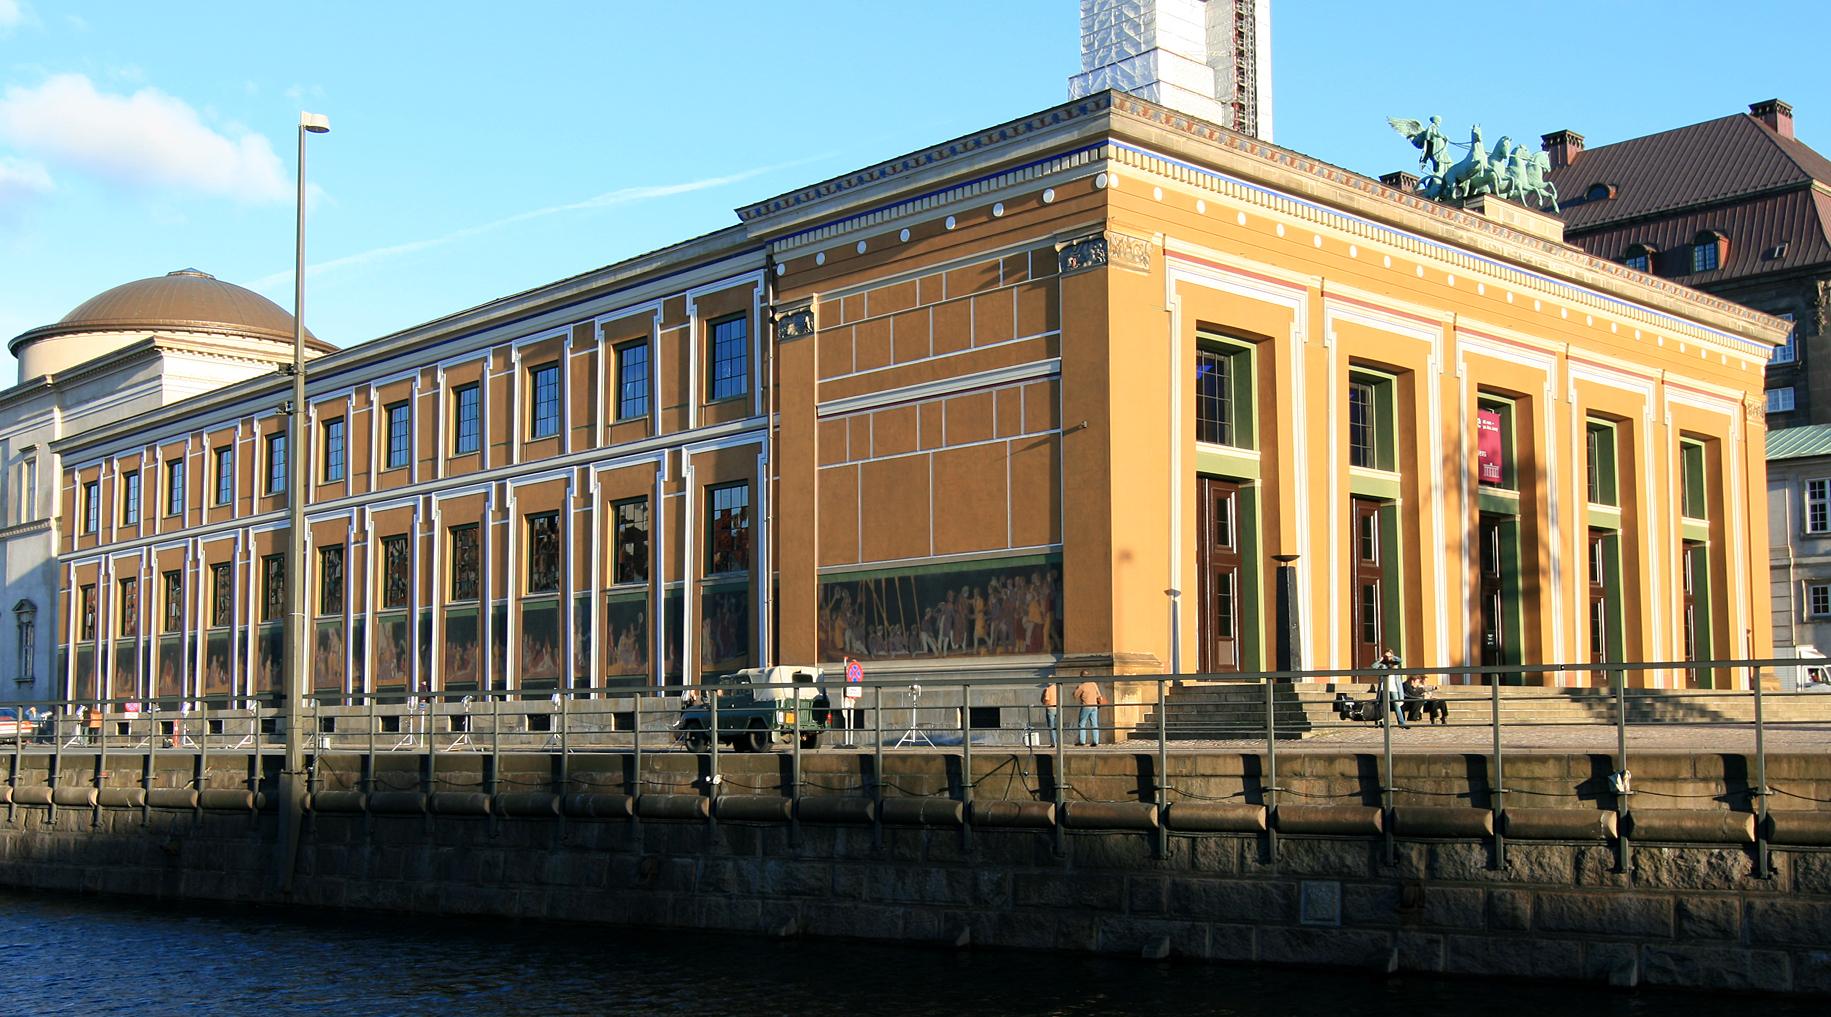 Κοπεγχάγη ταχύτητα dating